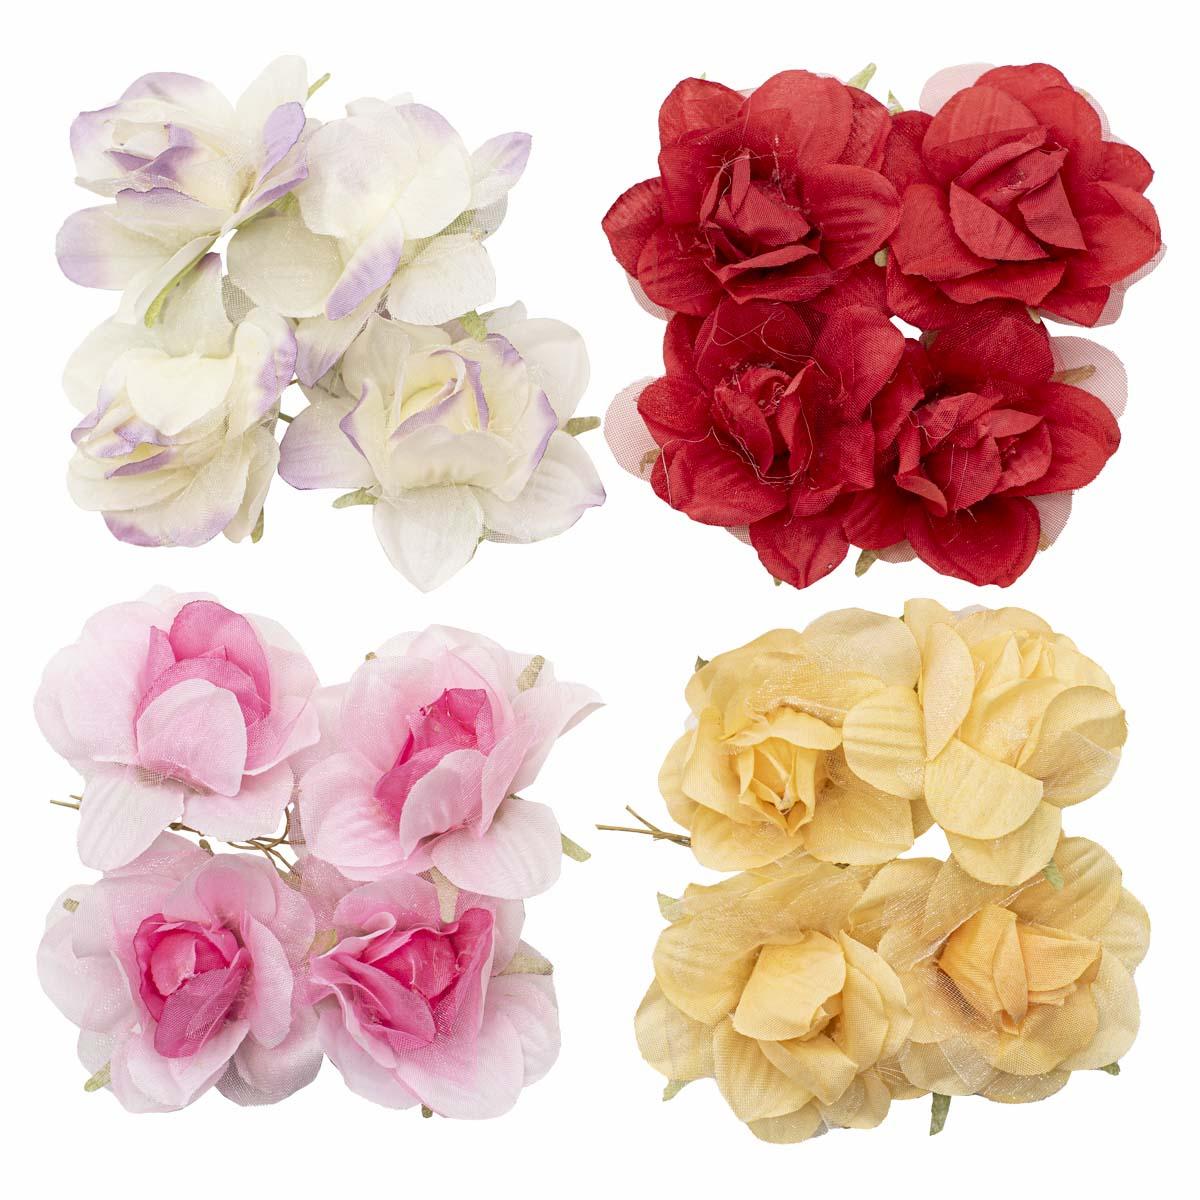 Набор декоративных цветов 'Ассорти 2' D=5,5*2,5см, 16шт, Астра